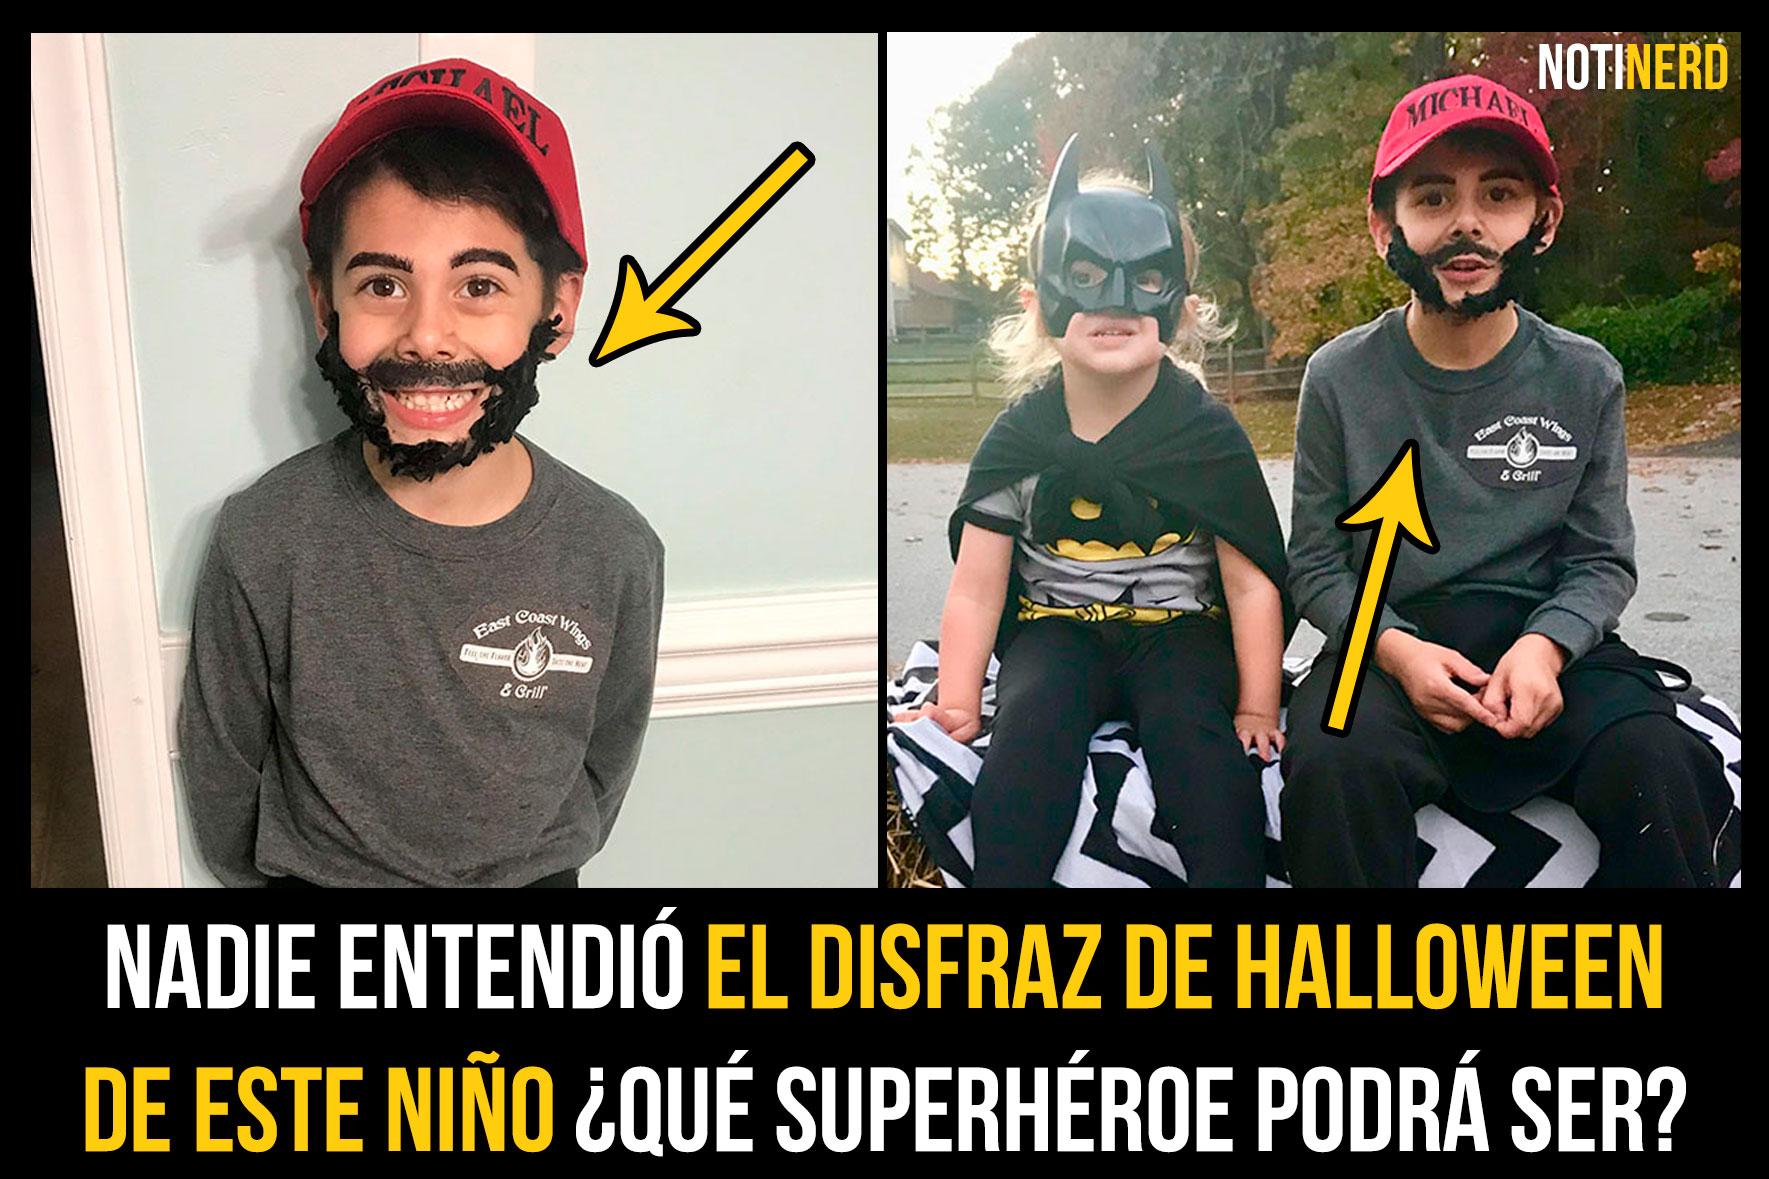 Nadie entendió el disfraz de Halloween de este niño ¿Qué superhéroe podrá ser?